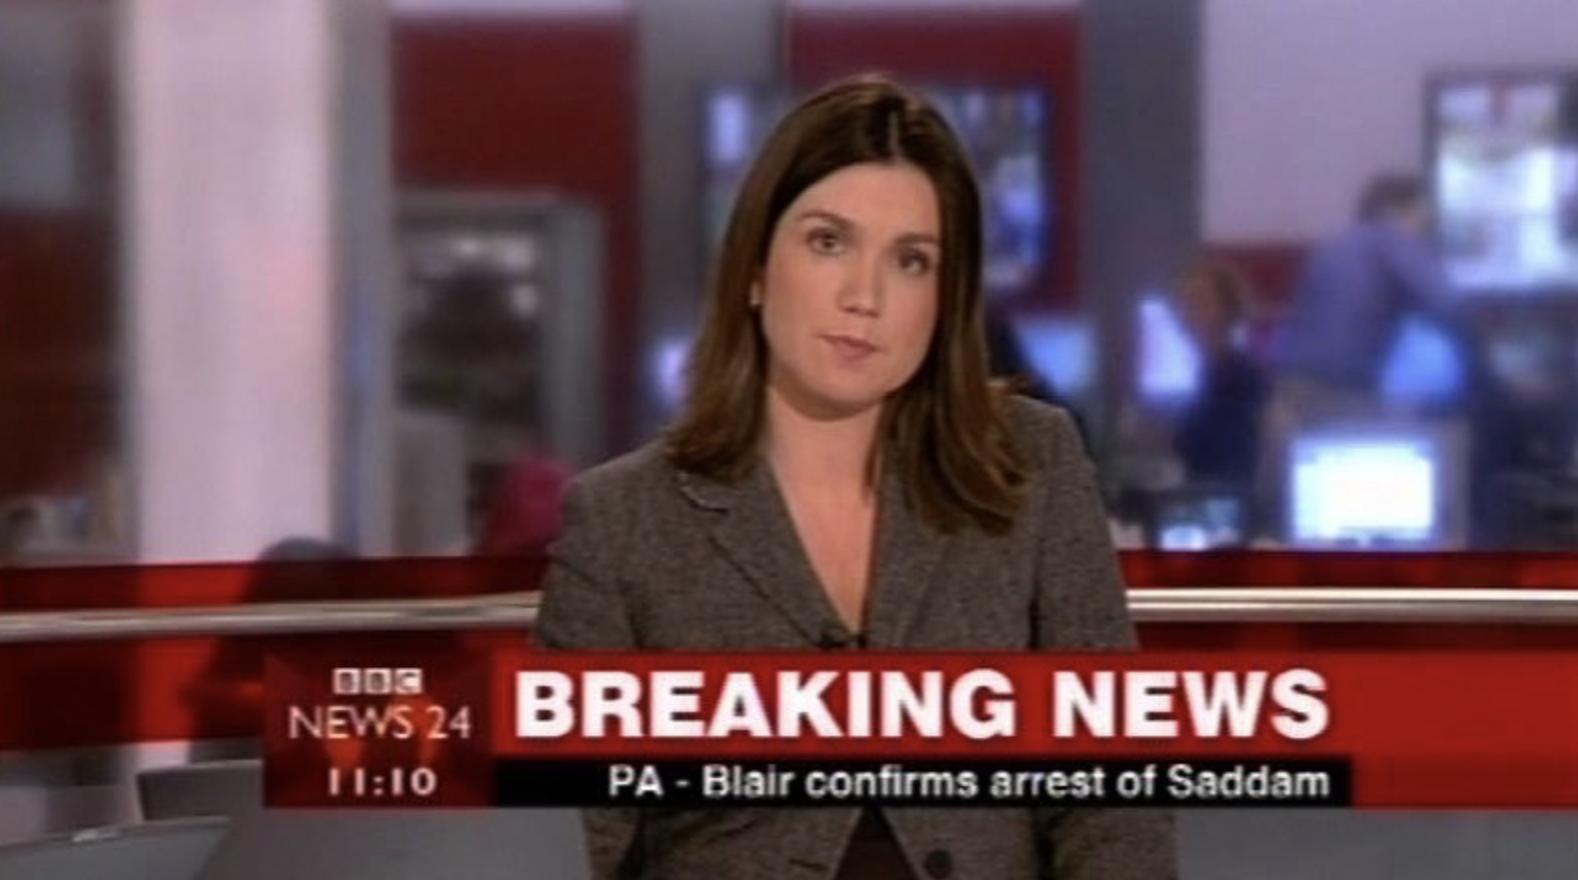 Susanna Reid BBC News 24